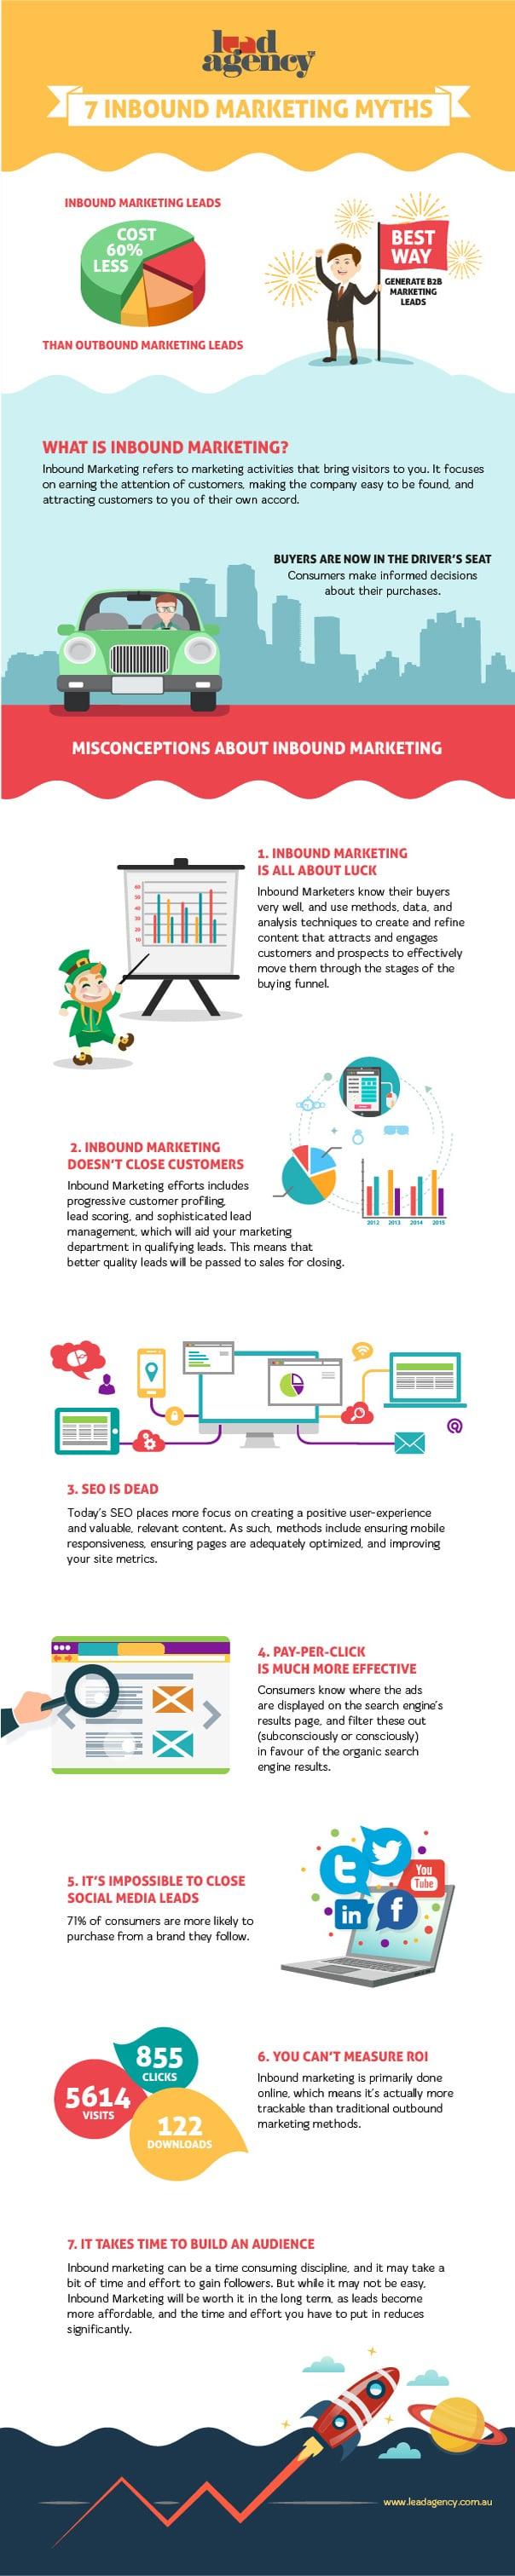 Inbound Marketing Myths Infographic